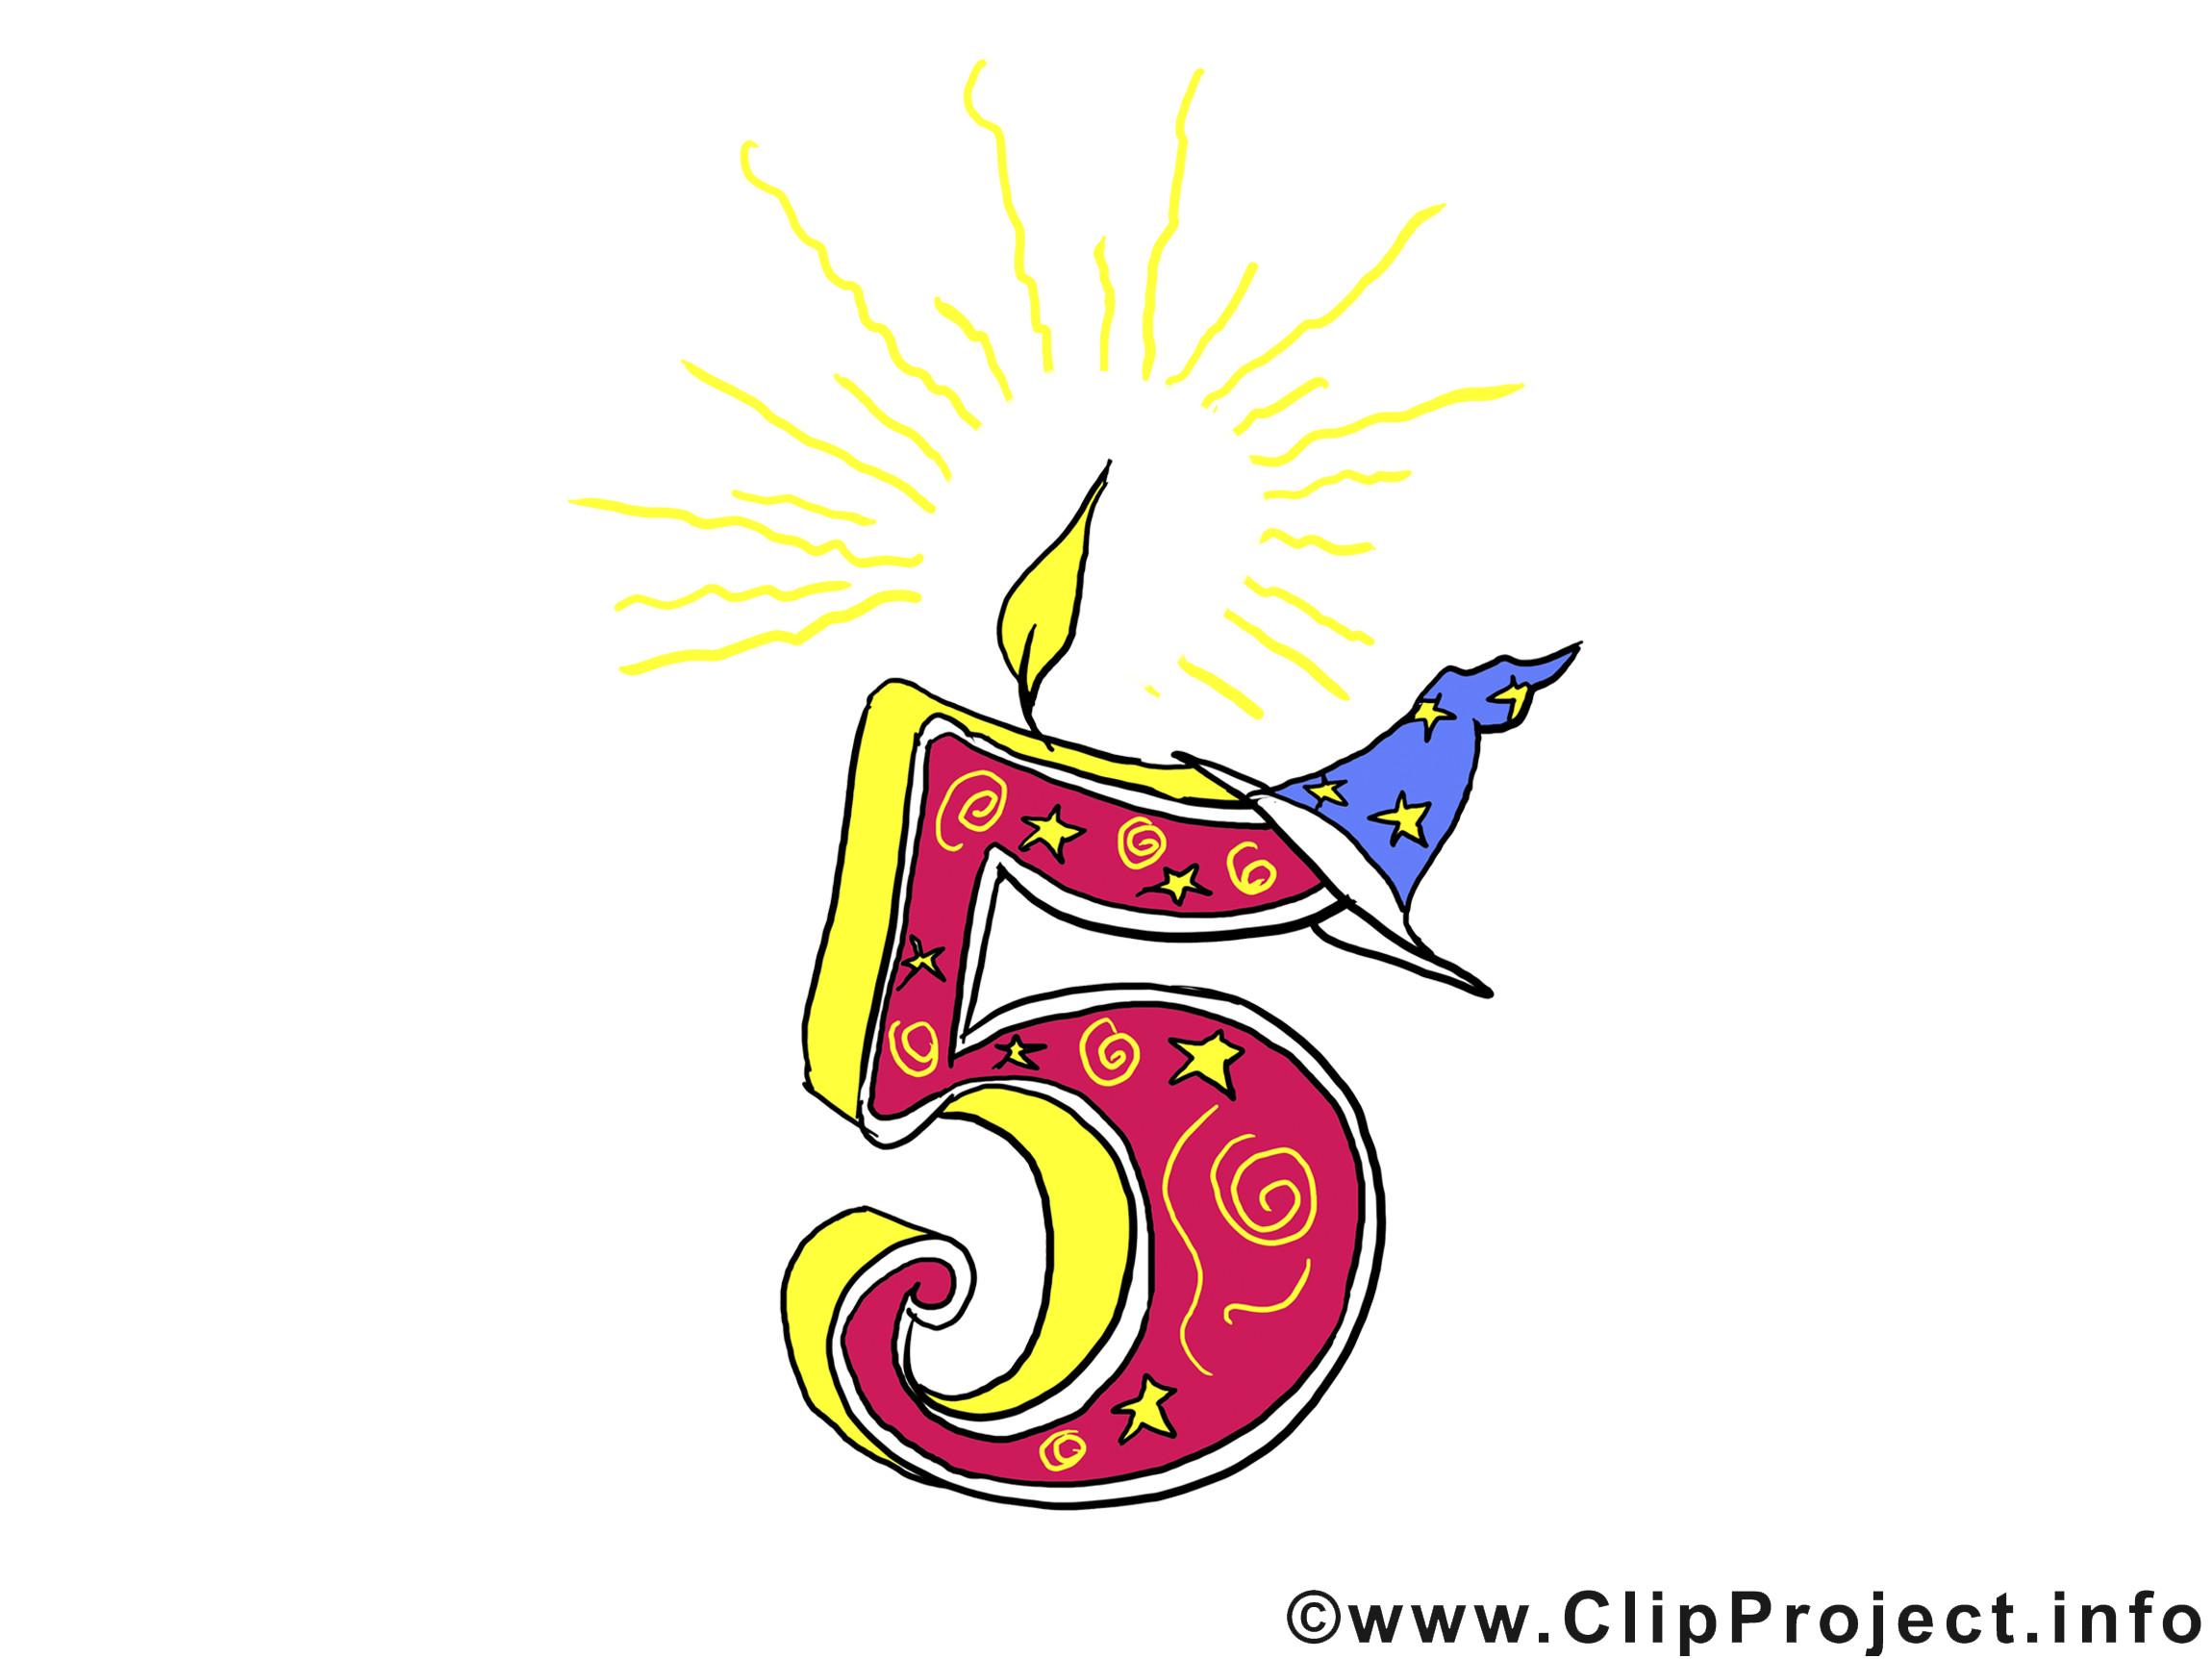 Geburtstagsparty Clipart  Geburtstag 5 Jahre Clipart Bild für Einladung